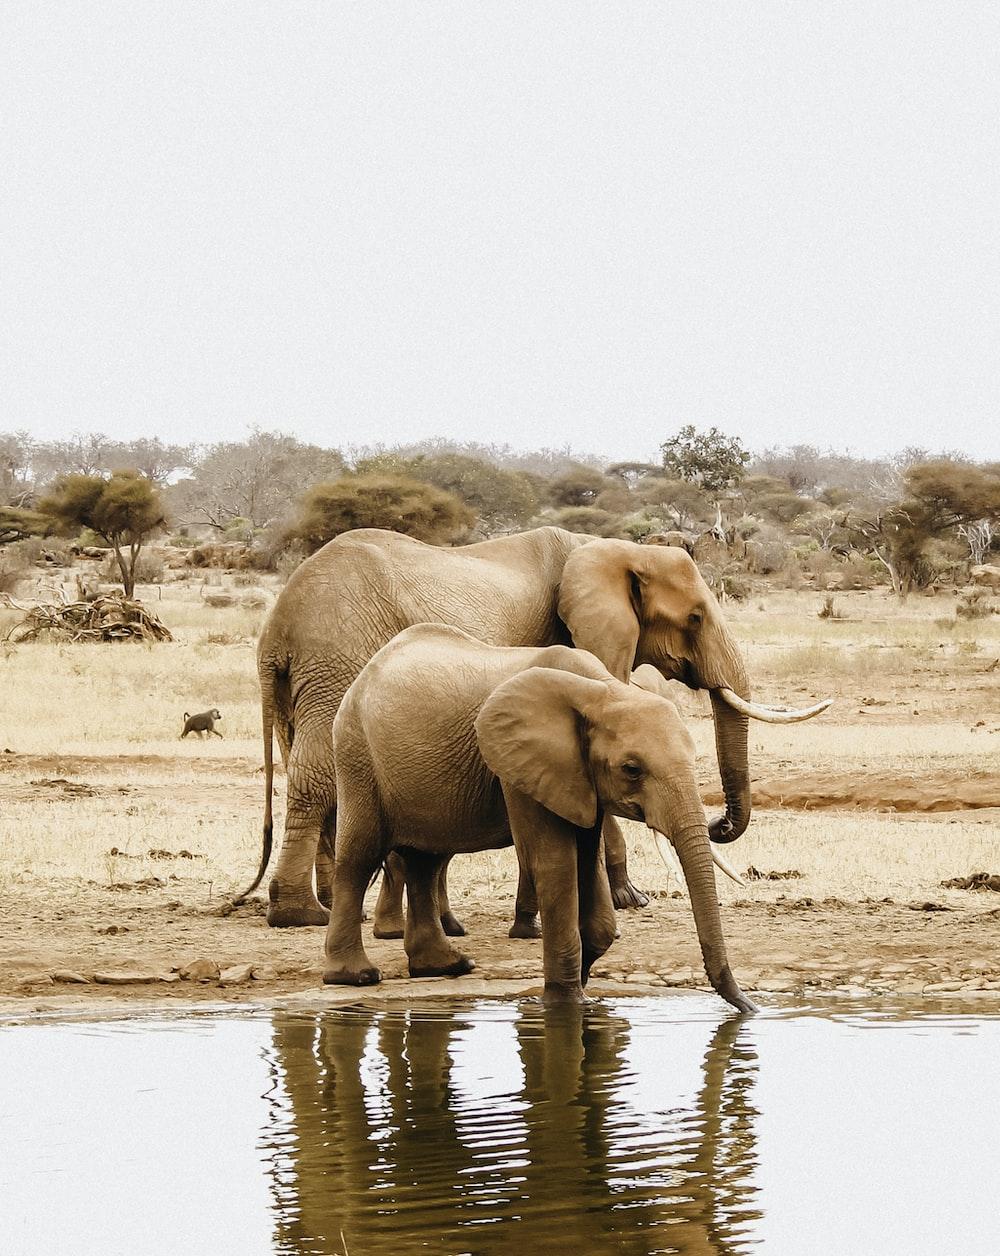 two elephants beside body of water